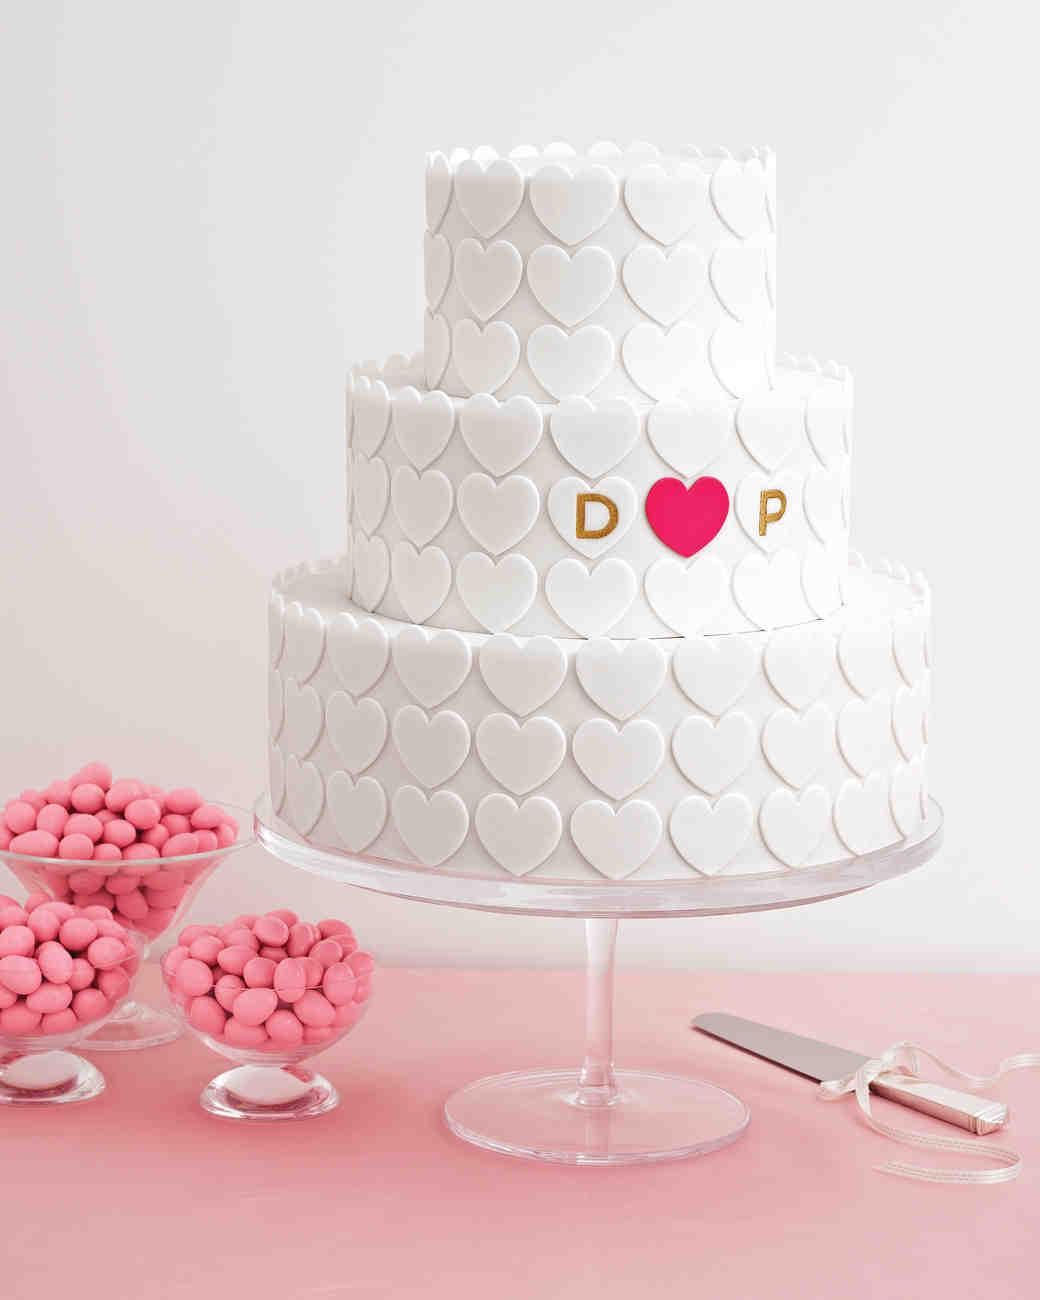 cake020-sum11mwd107286.jpg